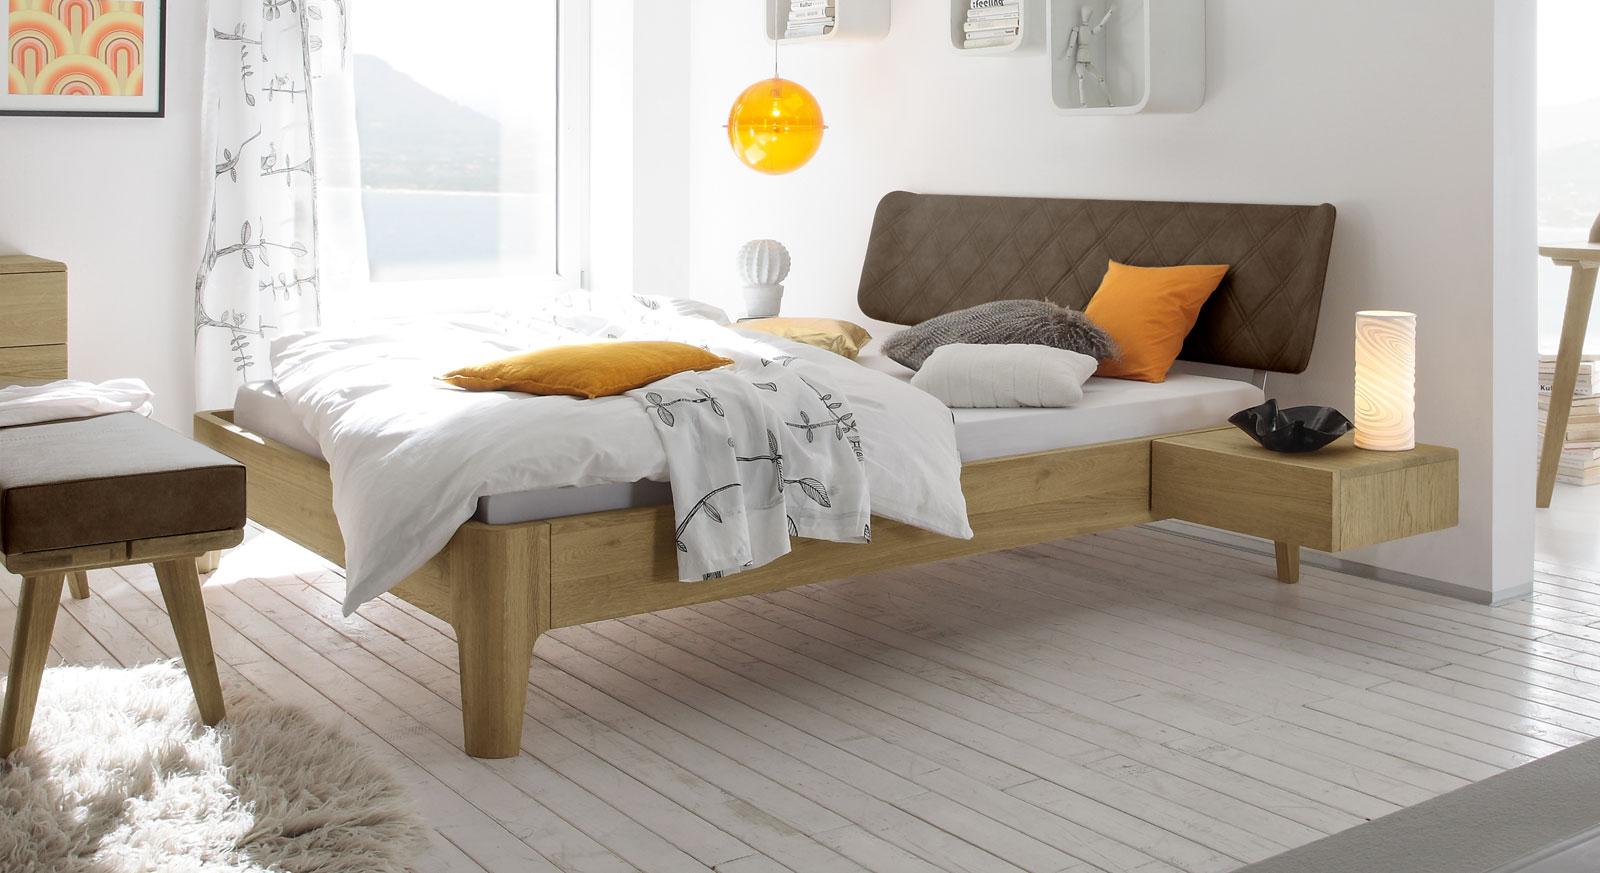 Bett Weno aus braunem Kunstleder und Eiche